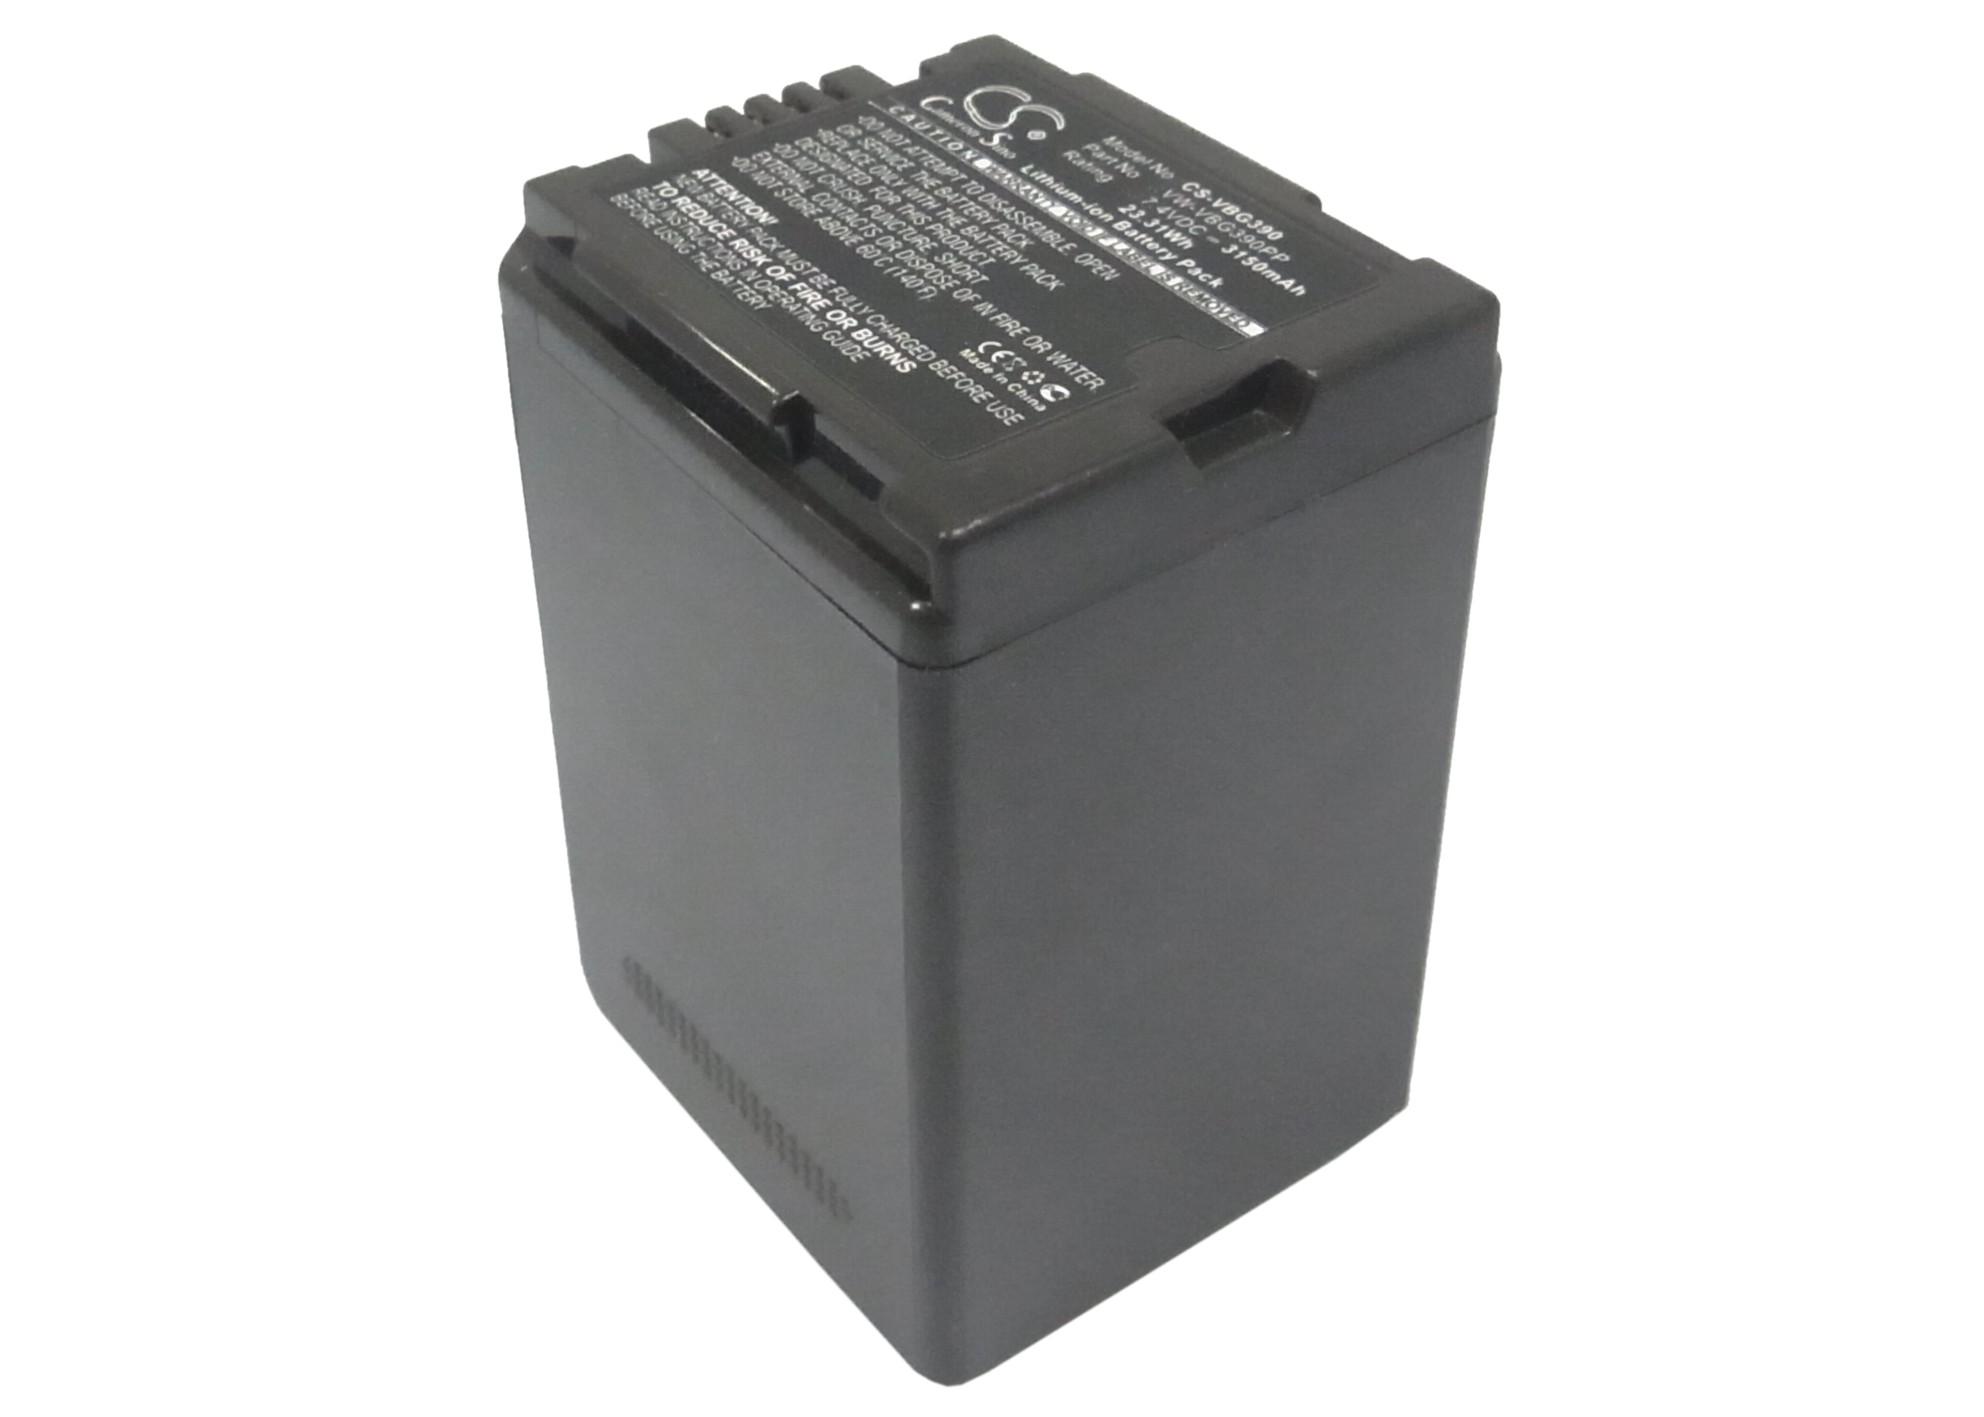 Cameron Sino baterie do kamer a fotoaparátů pro PANASONIC HDC-HS100 7.4V Li-ion 3150mAh šedá - neoriginální